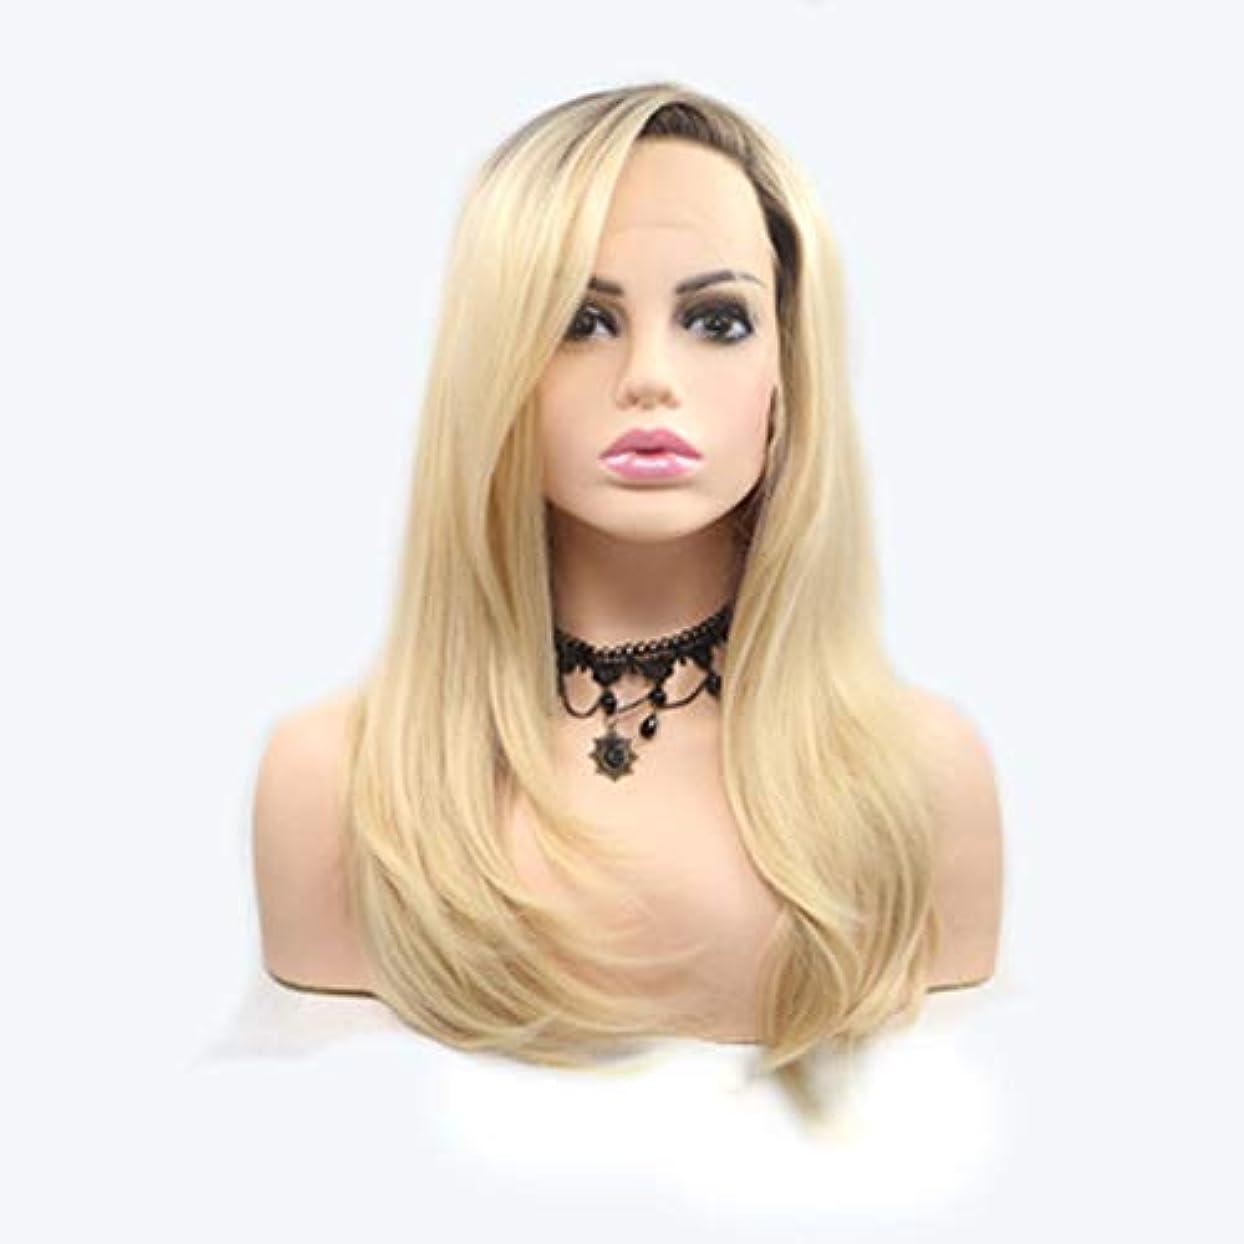 吸い込む福祉アカデミーヘアピース 女性のためのかつらロングストレートヘアマイクロロールグラデーションゴールドかつらヘアセットフロントレース化学繊維ヘッドギア